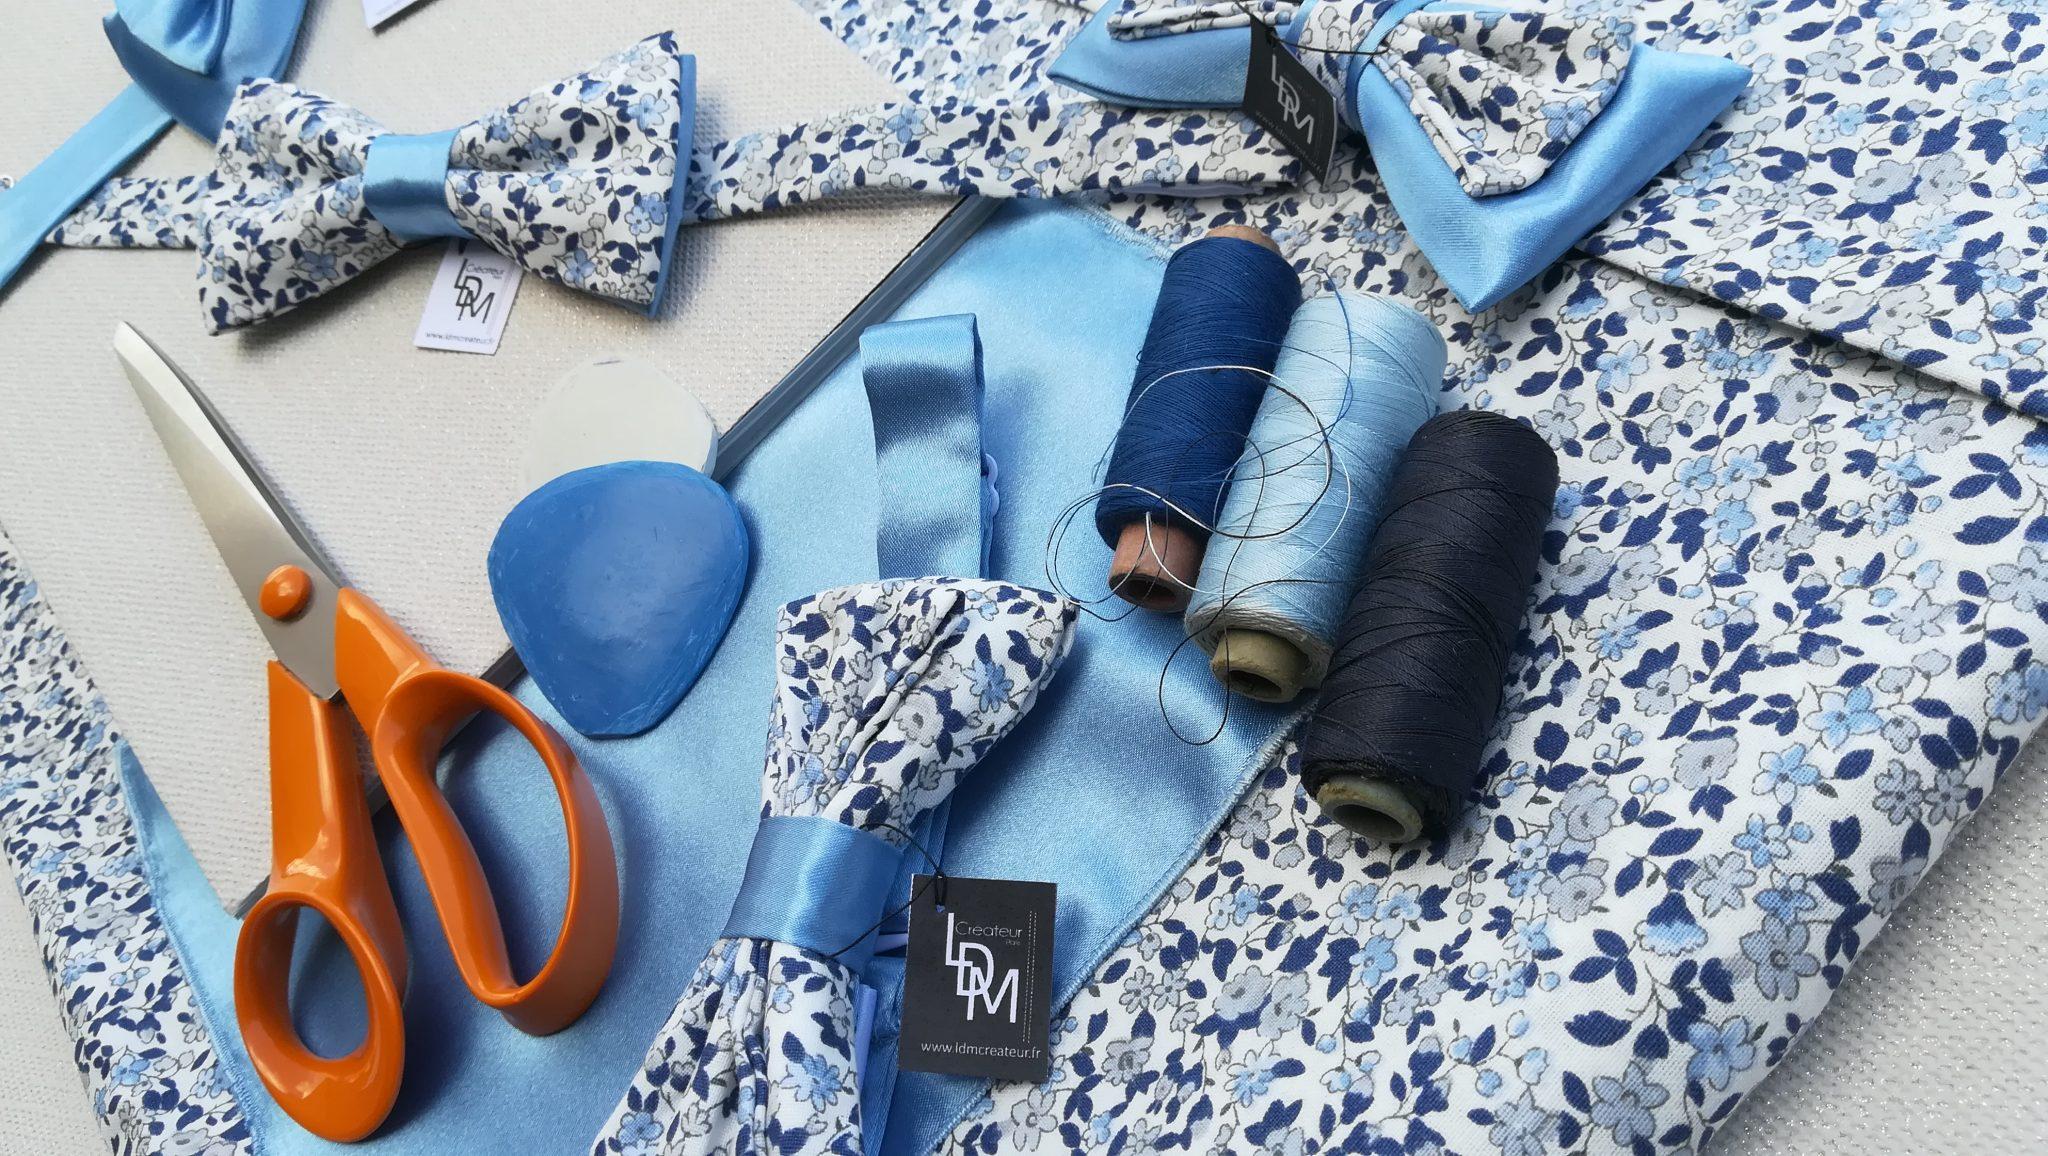 esprit-couture-inspiration-création-800x151-LDM-Créateur-fr